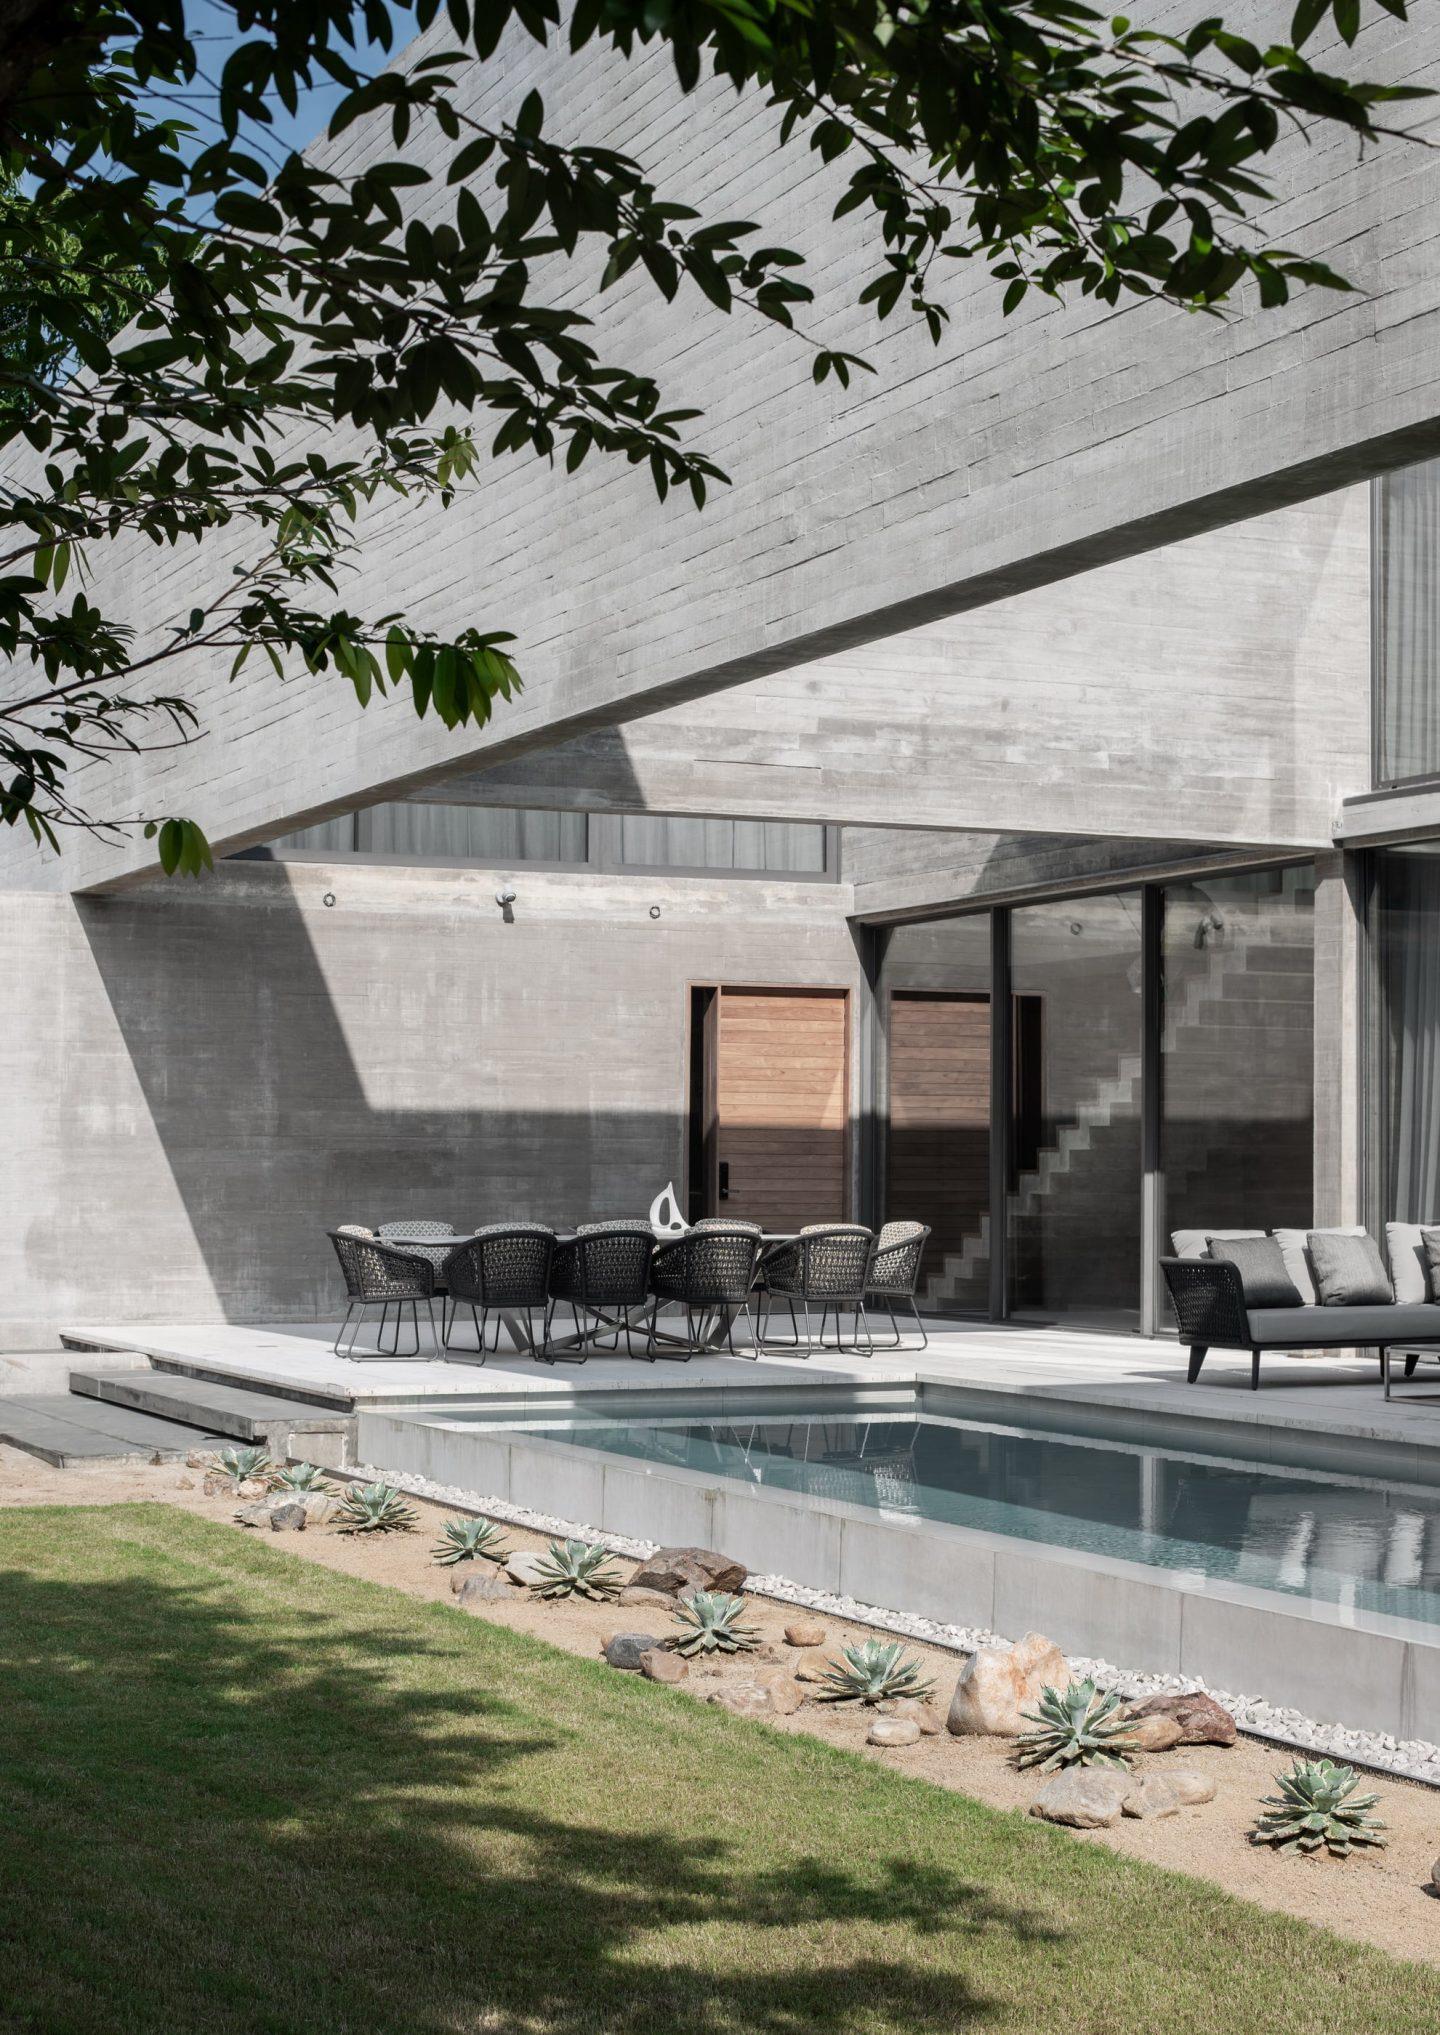 IGNANT-Architecture-Casa-de-Alisa-15-min